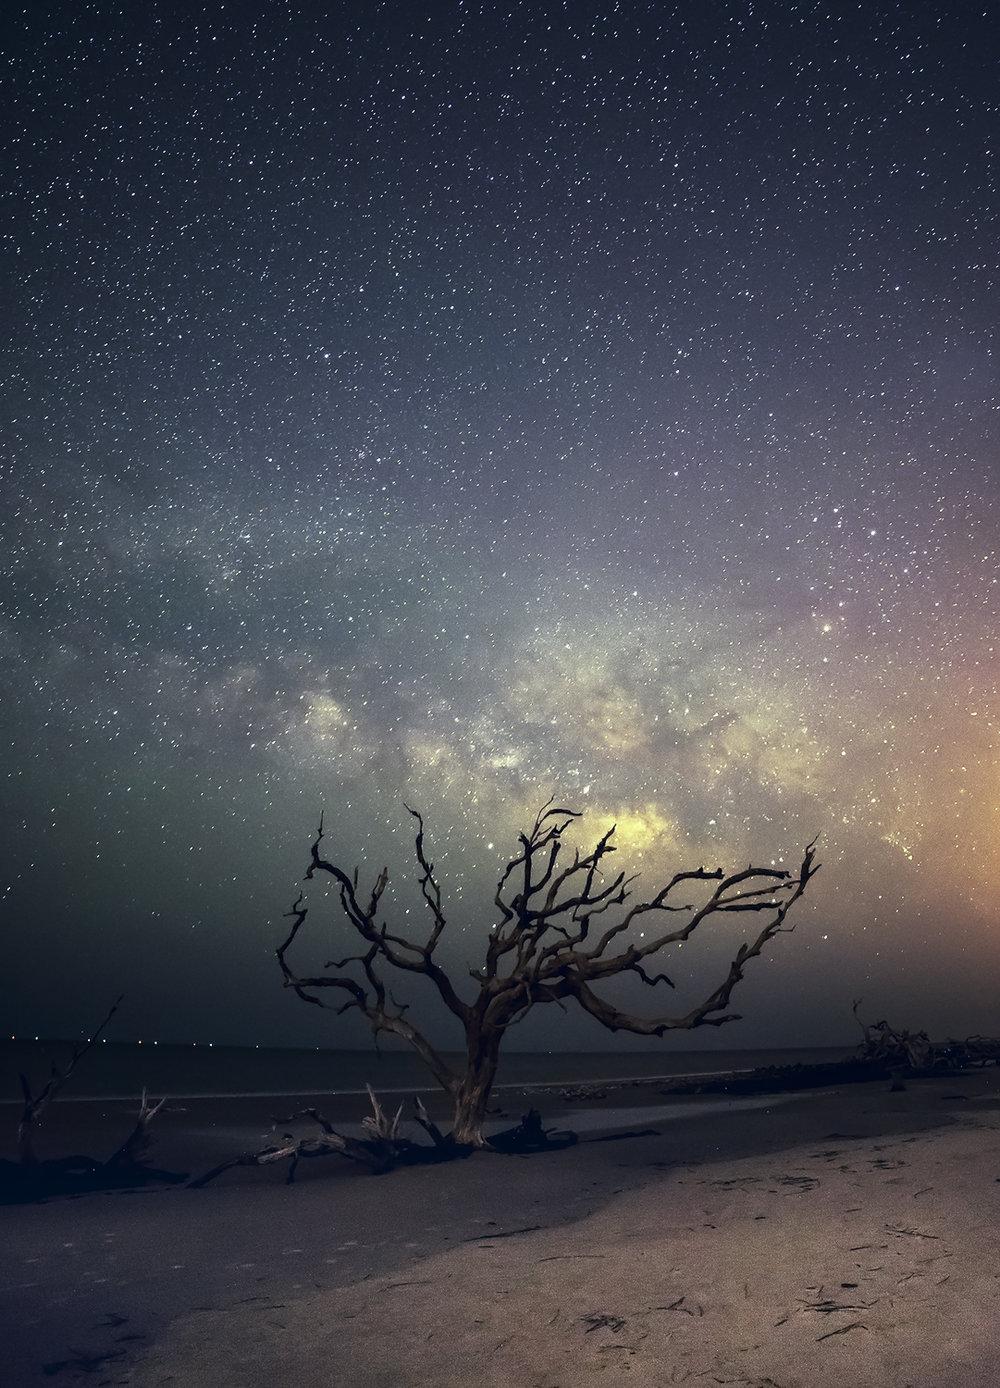 Milkyway Glow